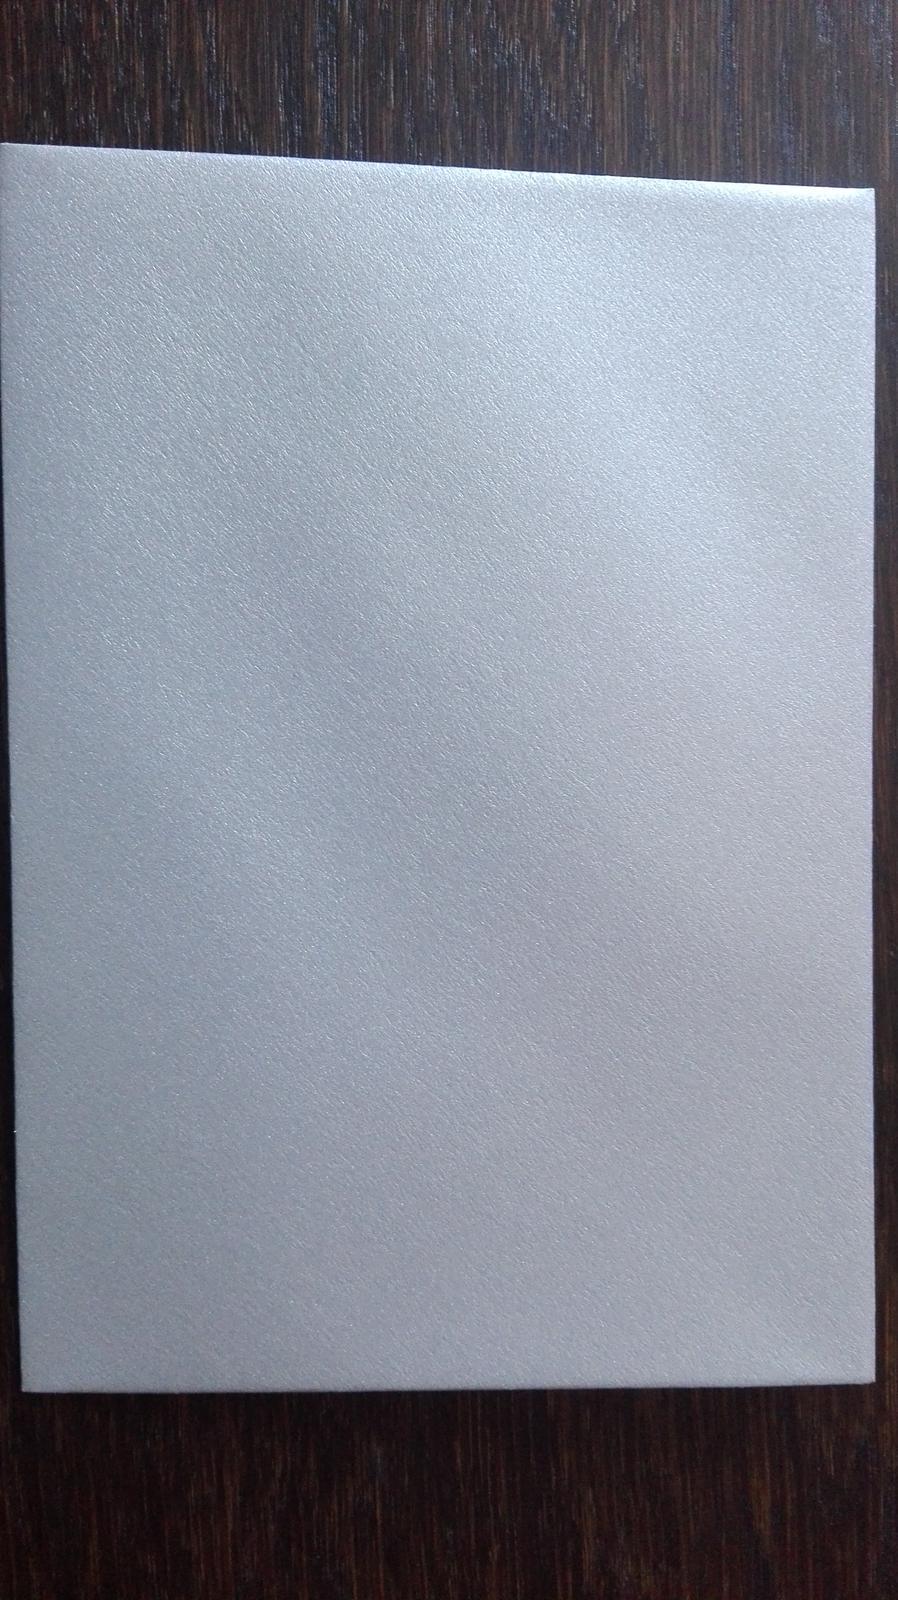 Strieborné obálky na oznámenia - Obrázok č. 3